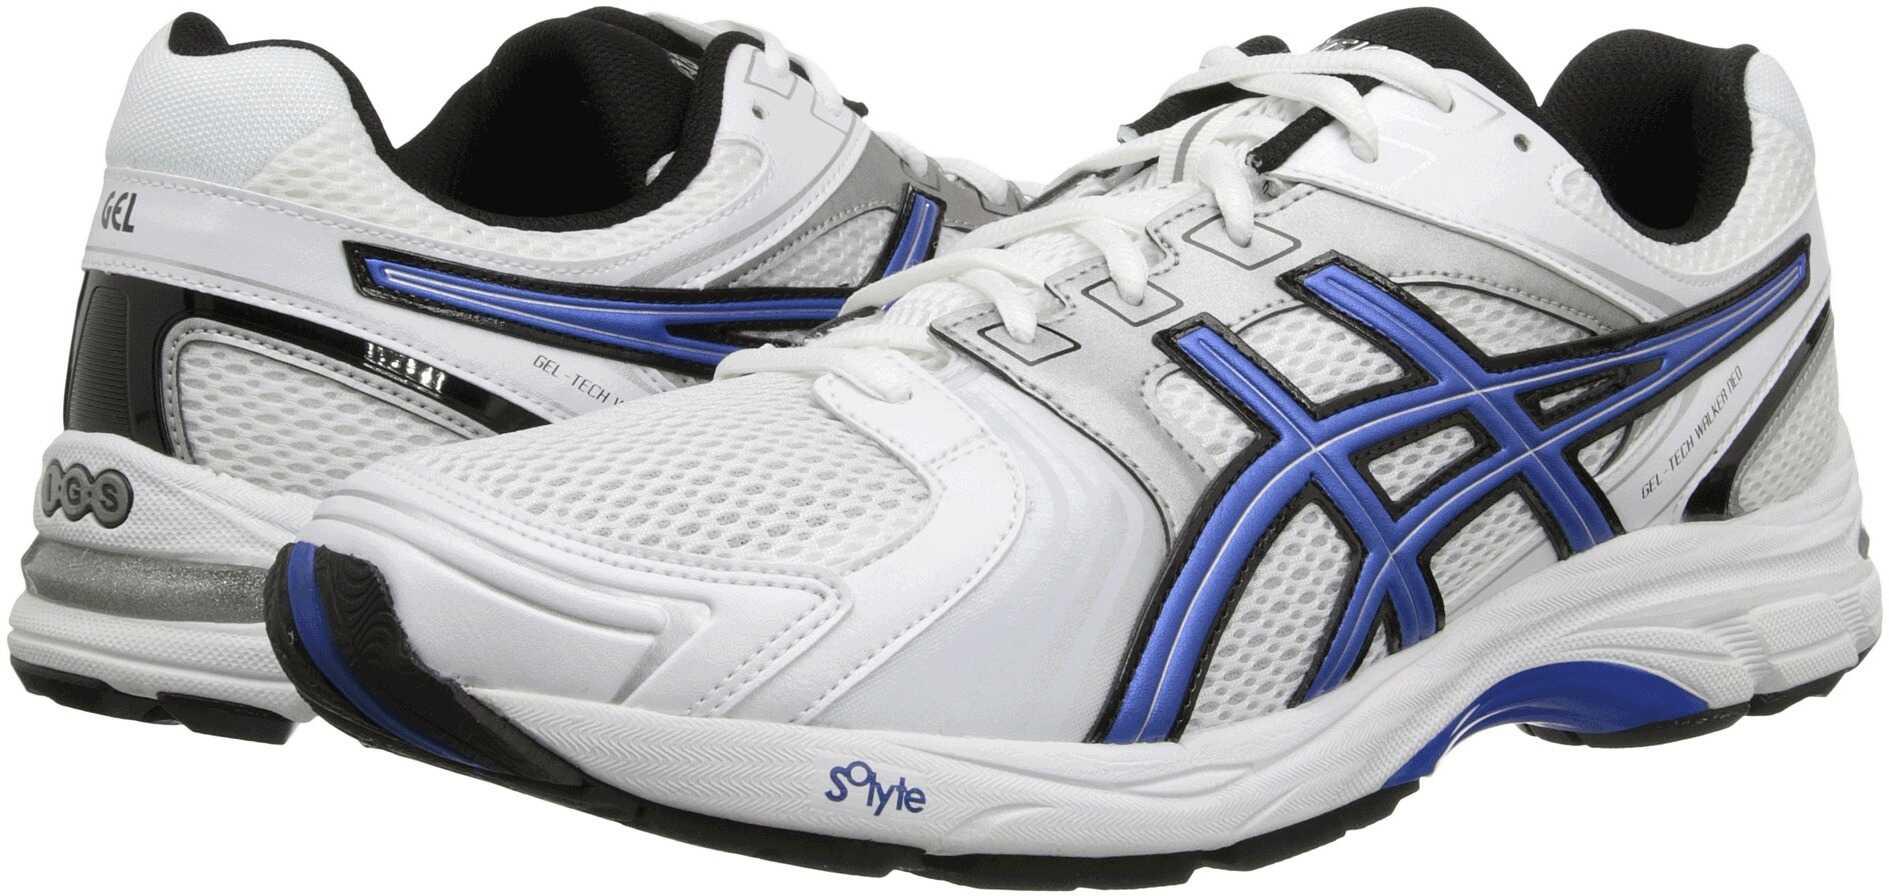 ASICS GEL-Tech Walker Neo® 4* White/Royal/Black